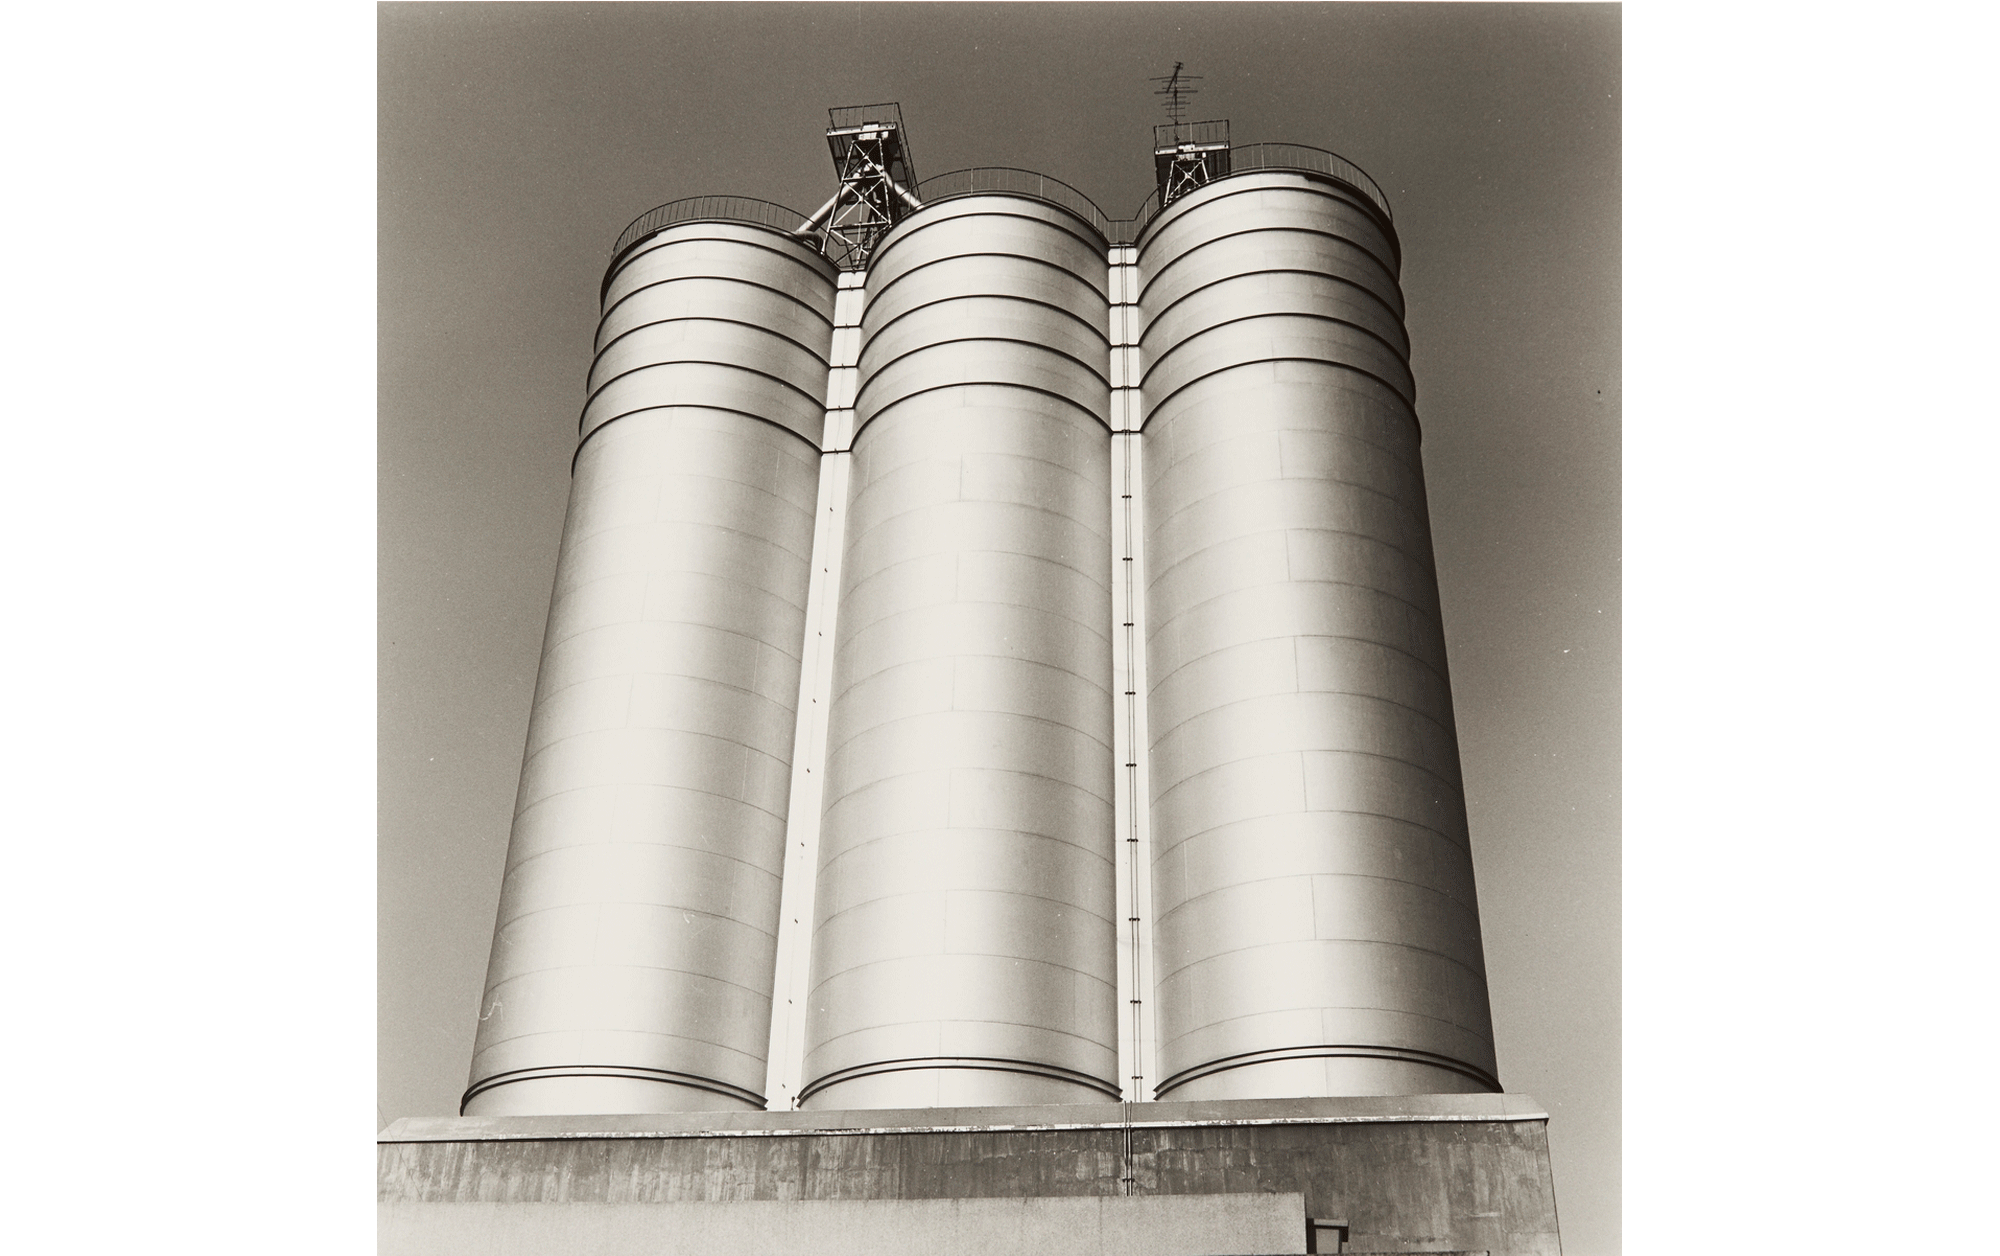 """Hitoshi Tsukiji, """"Shashinzo"""", 1984, Gelatin silver print, 24.9×24.9cm, © Hitoshi Tsukiji / Courtesy of Taka Ishii Gallery Photography / Film"""